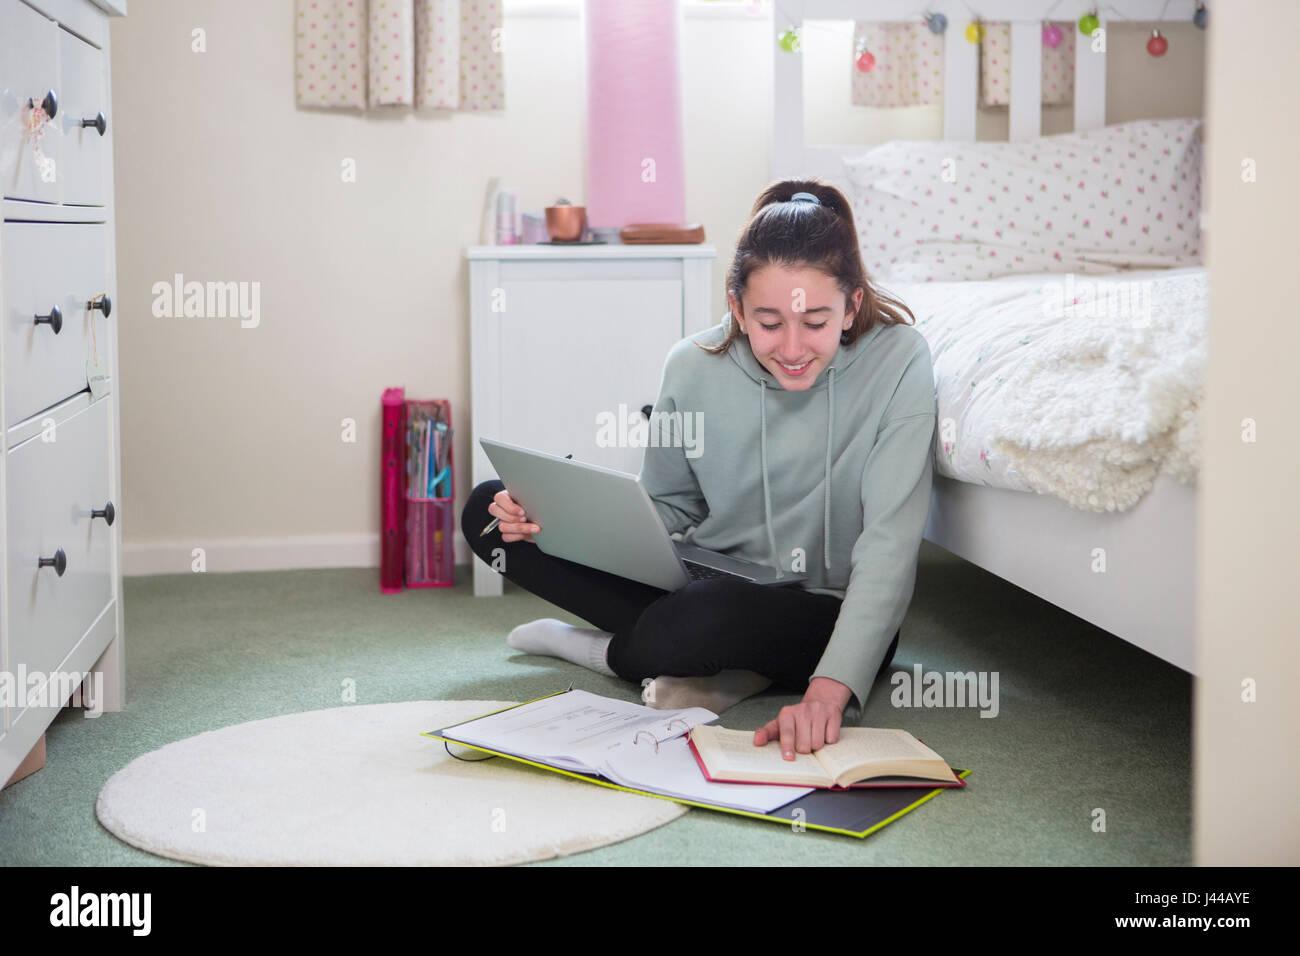 Giovane ragazza seduta sul pavimento della camera da letto facendo i compiti sul computer portatile Immagini Stock